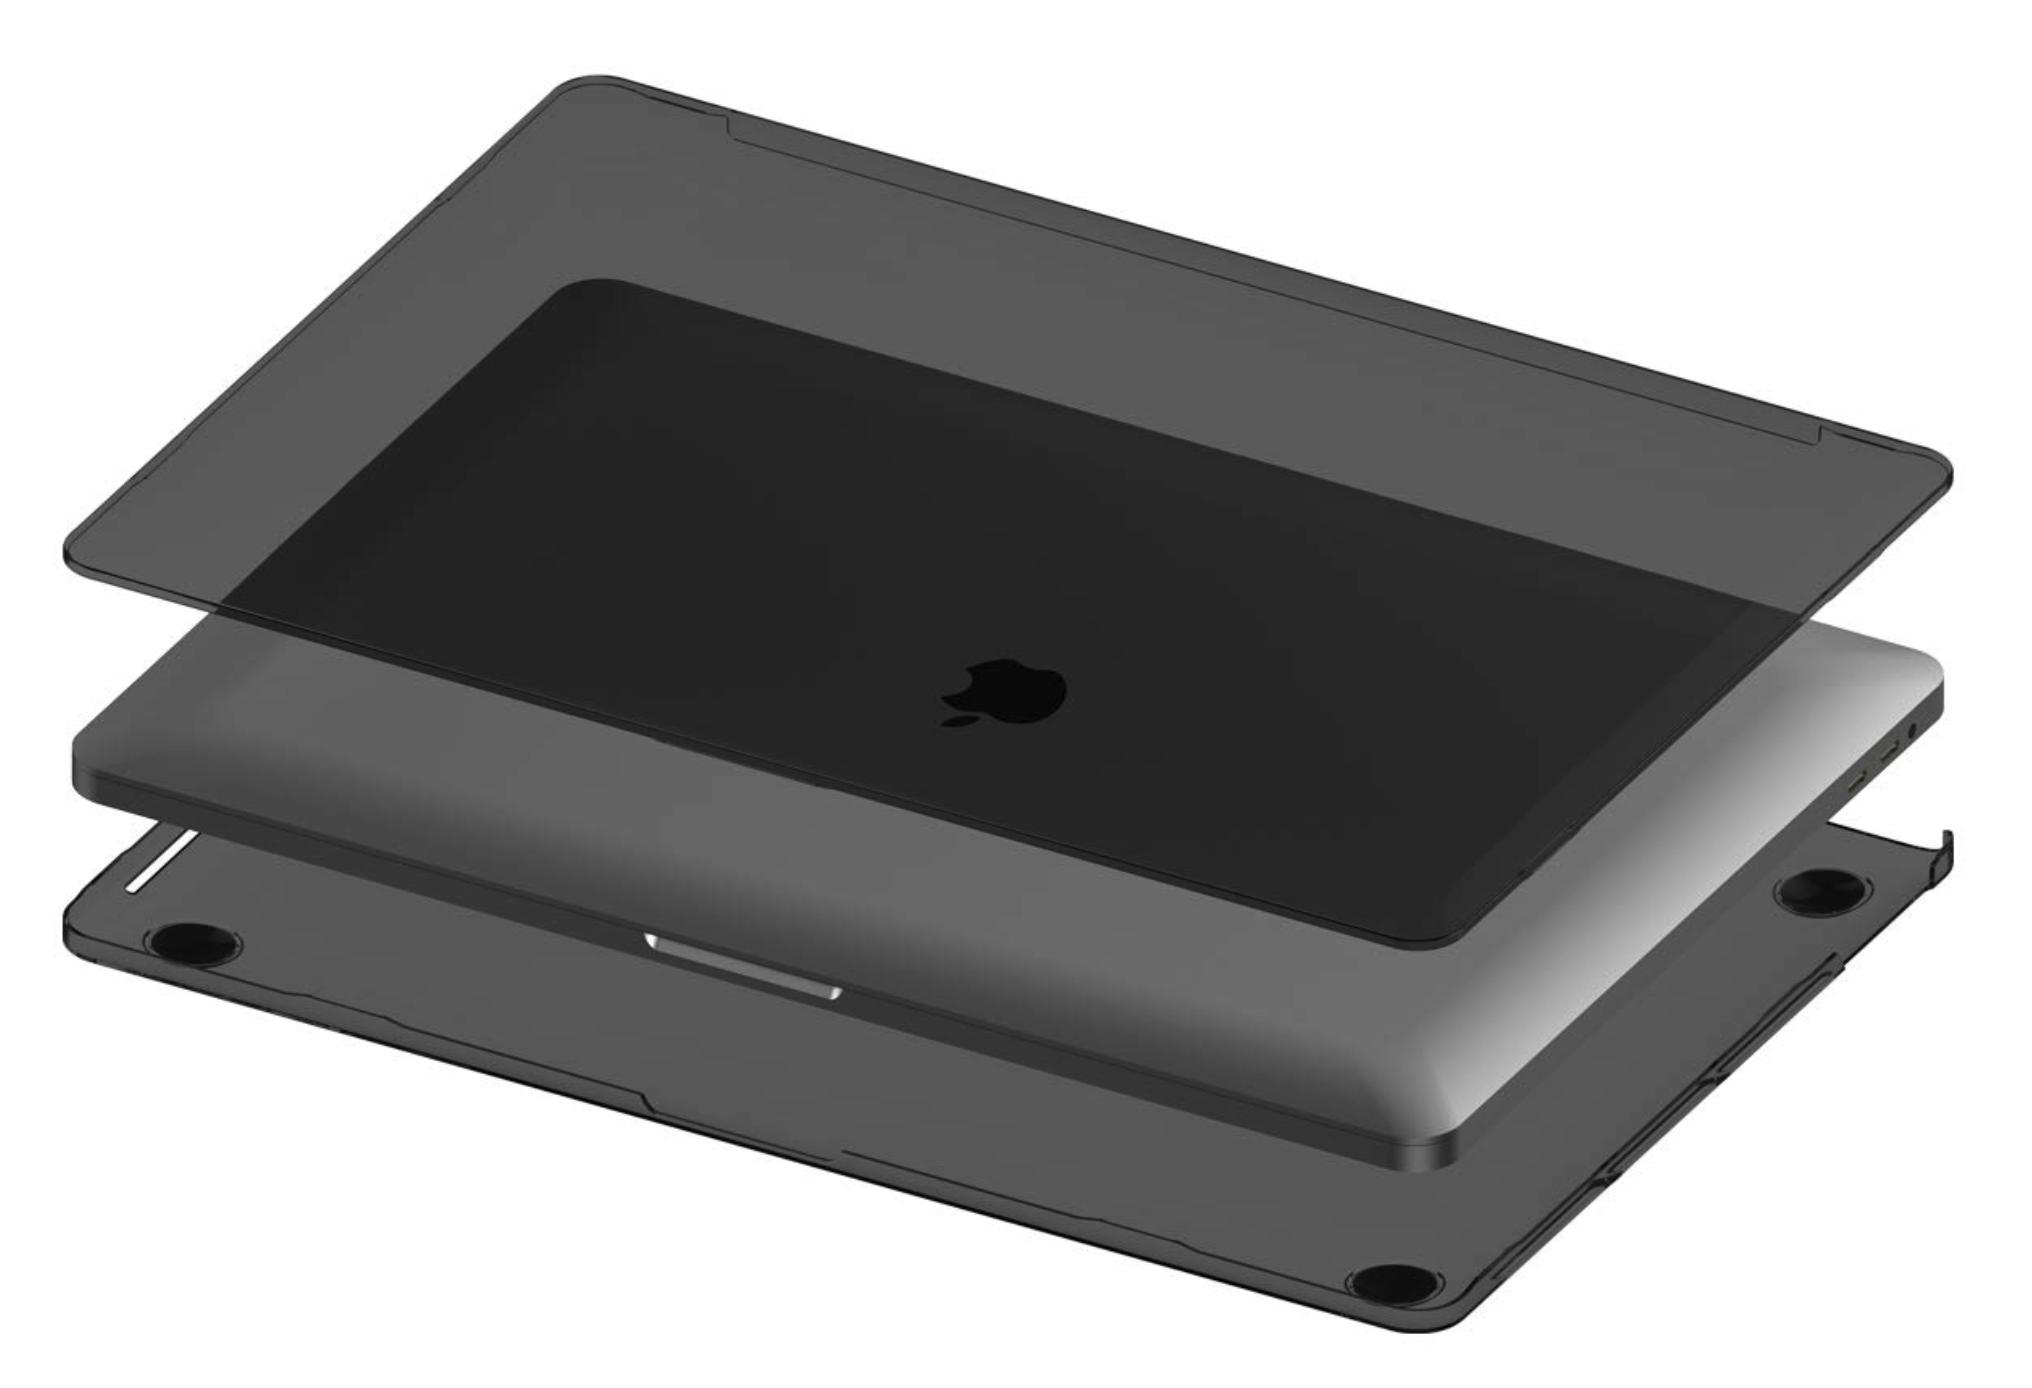 elago-Macbook-dark-grey-hard-case.png